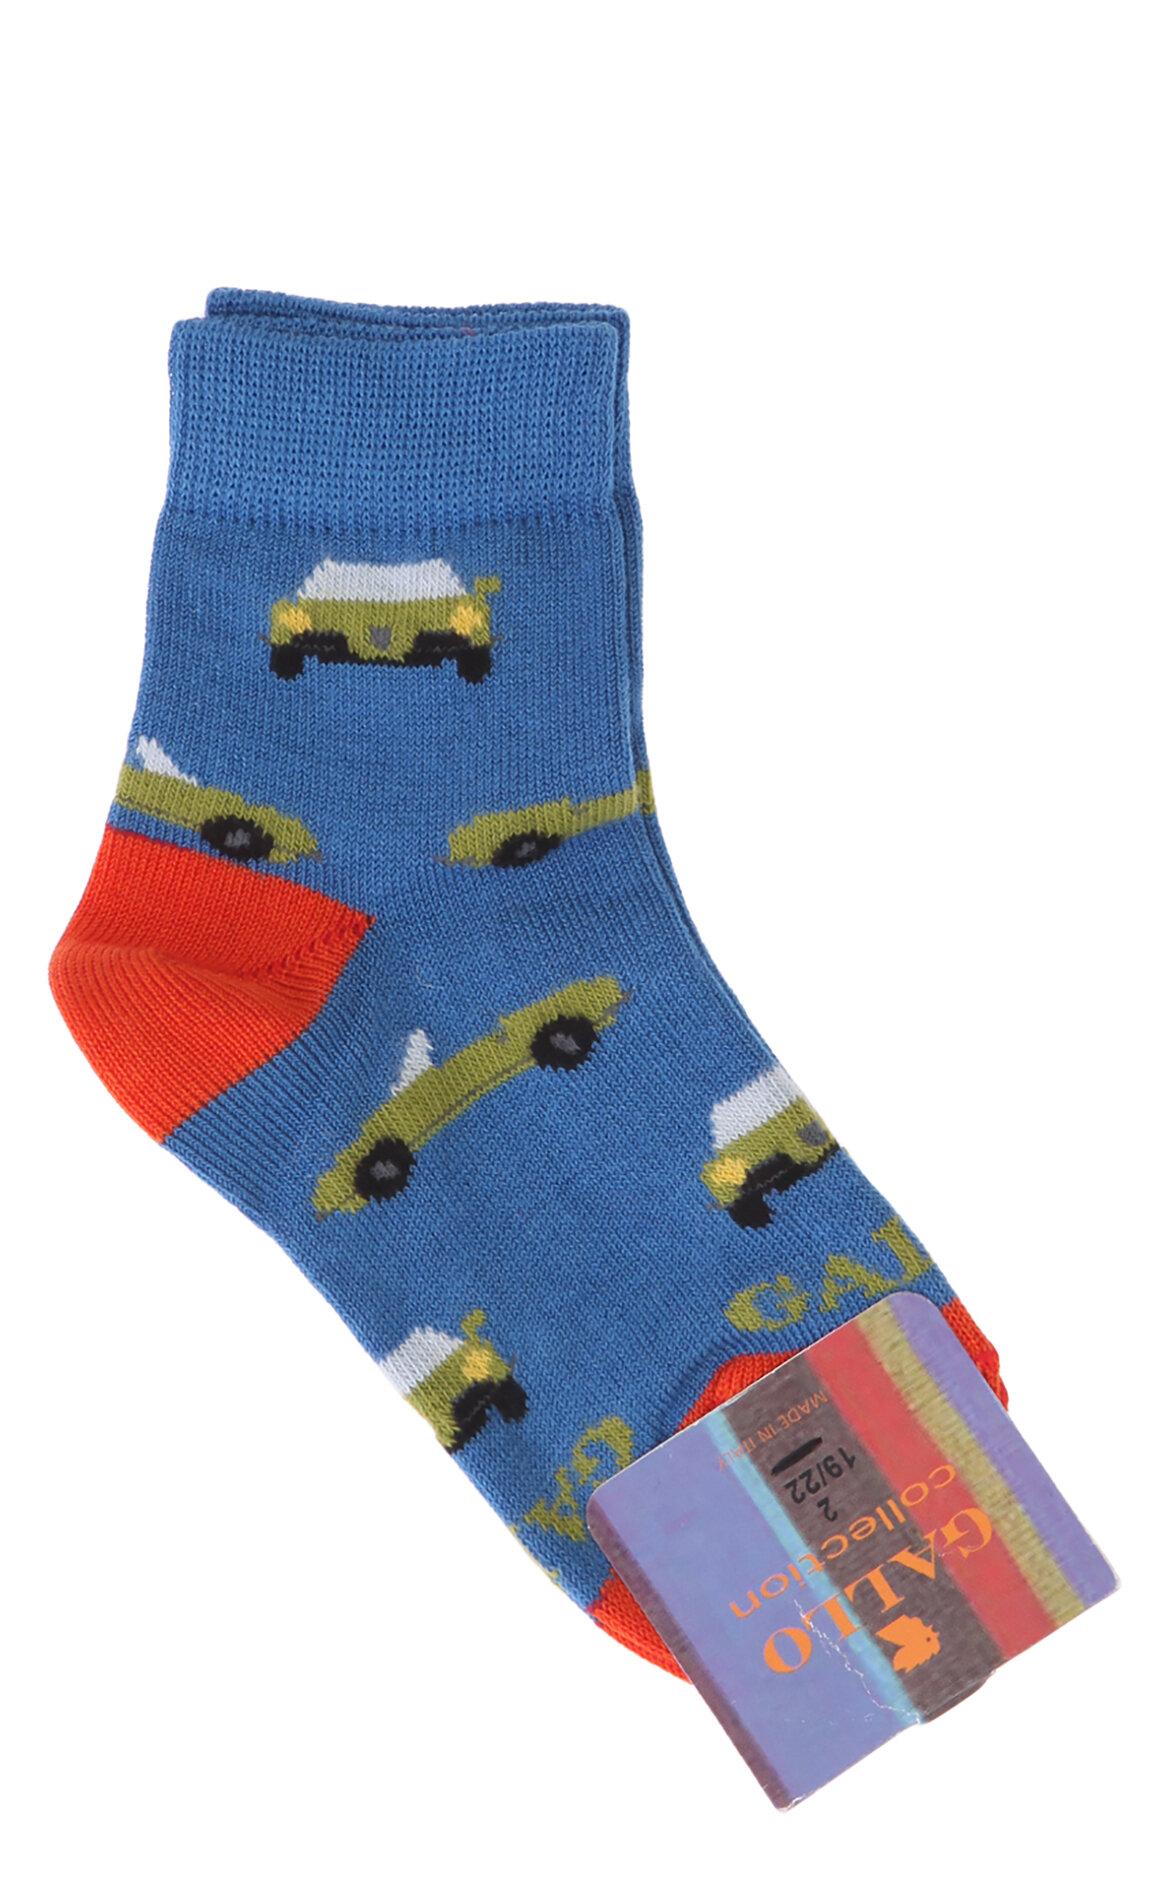 Gallo-Gallo Erkek Çocuk Çorap